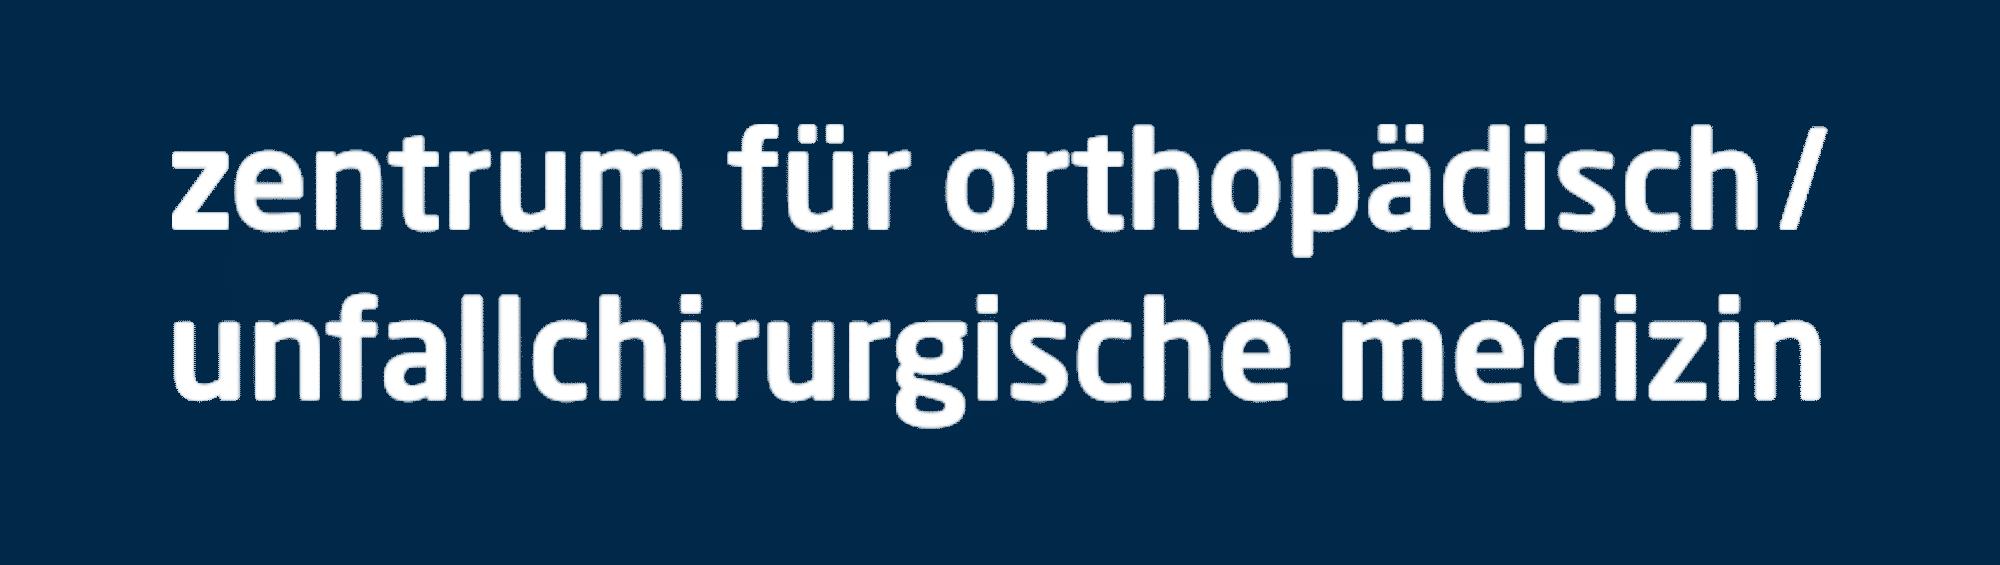 zoum   zentrum für orthopädisch / unfallchirurgische medizin